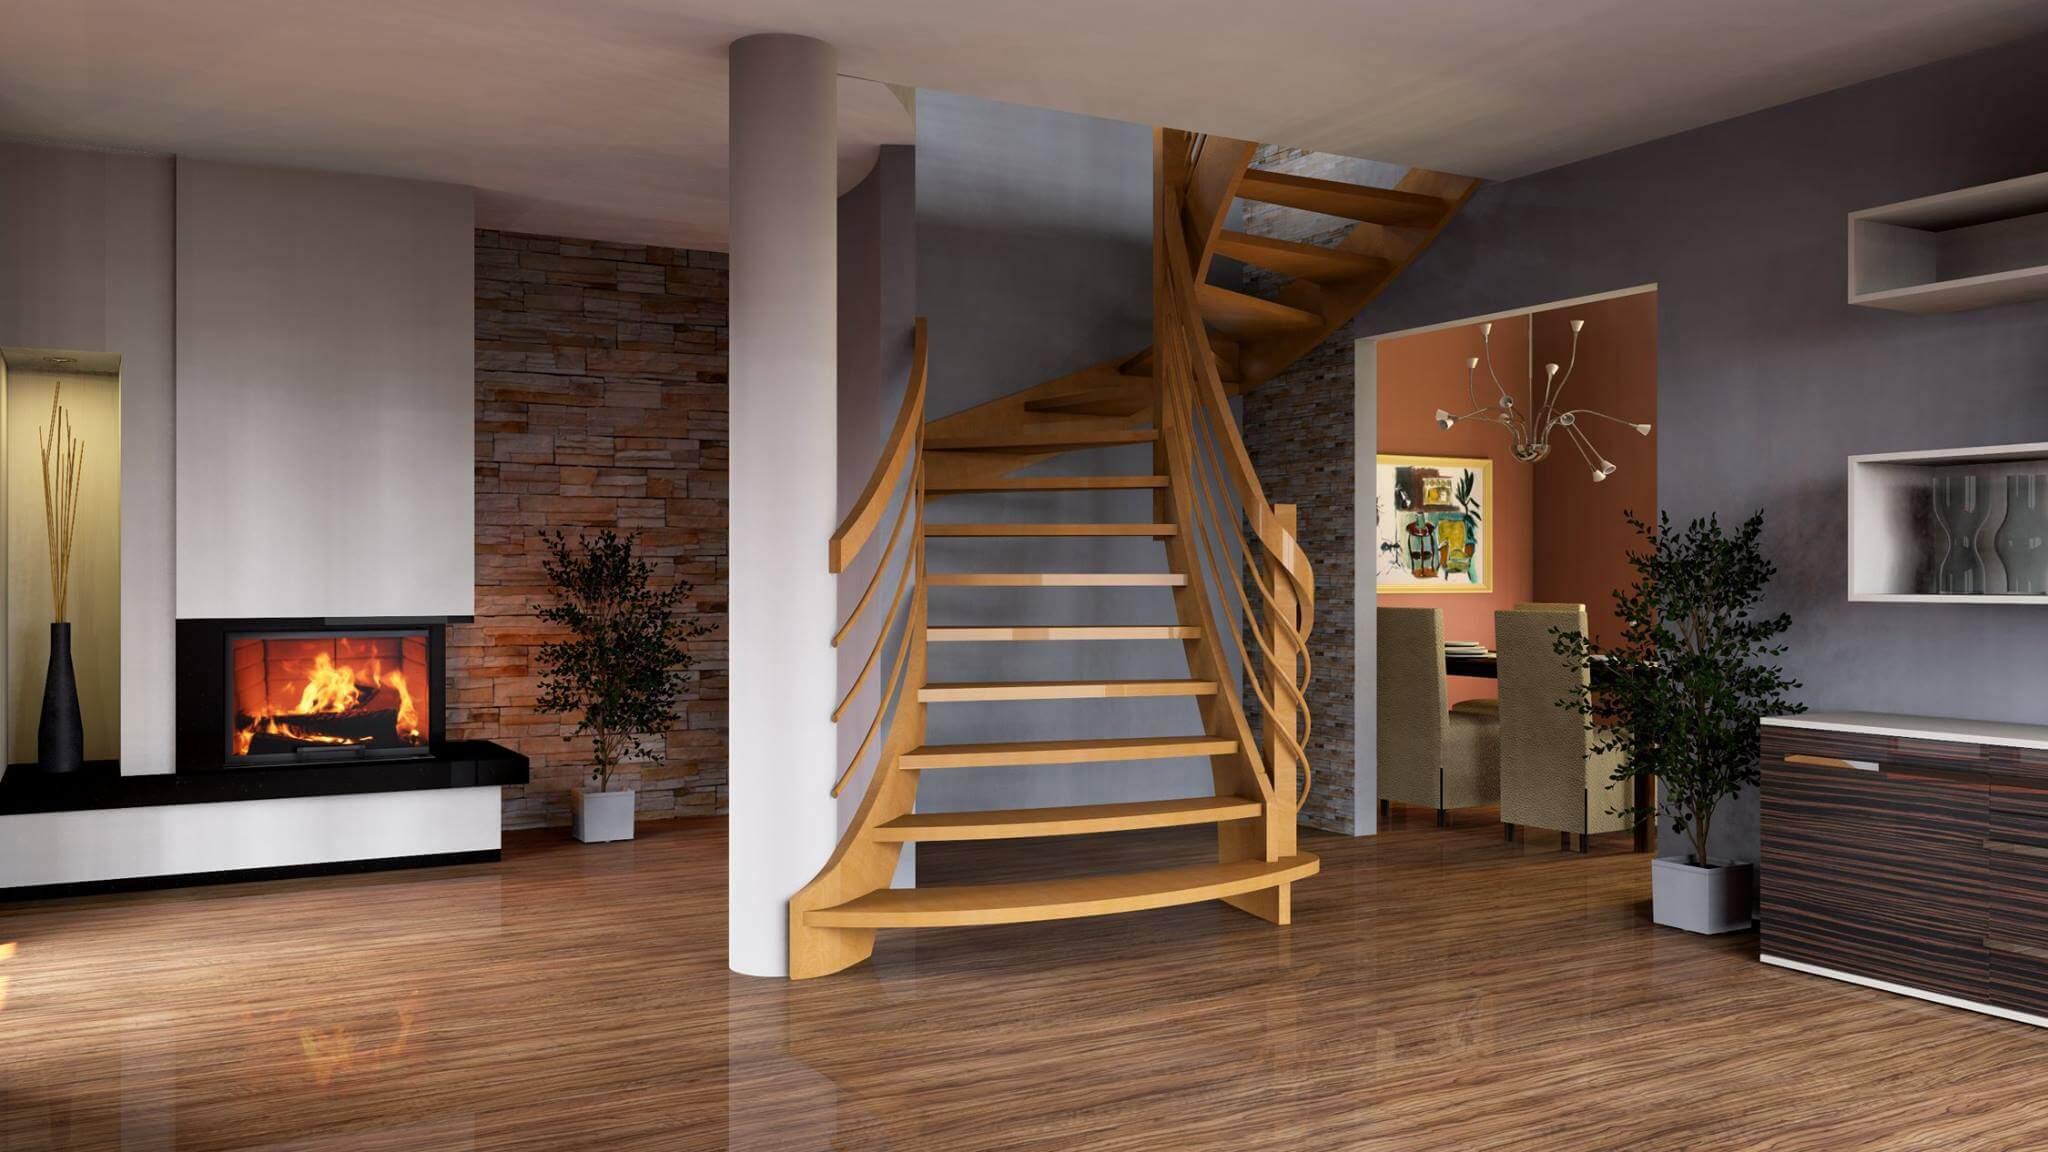 schody elewacja kominek pomieszczenie zaprojektowane w paletteCAD